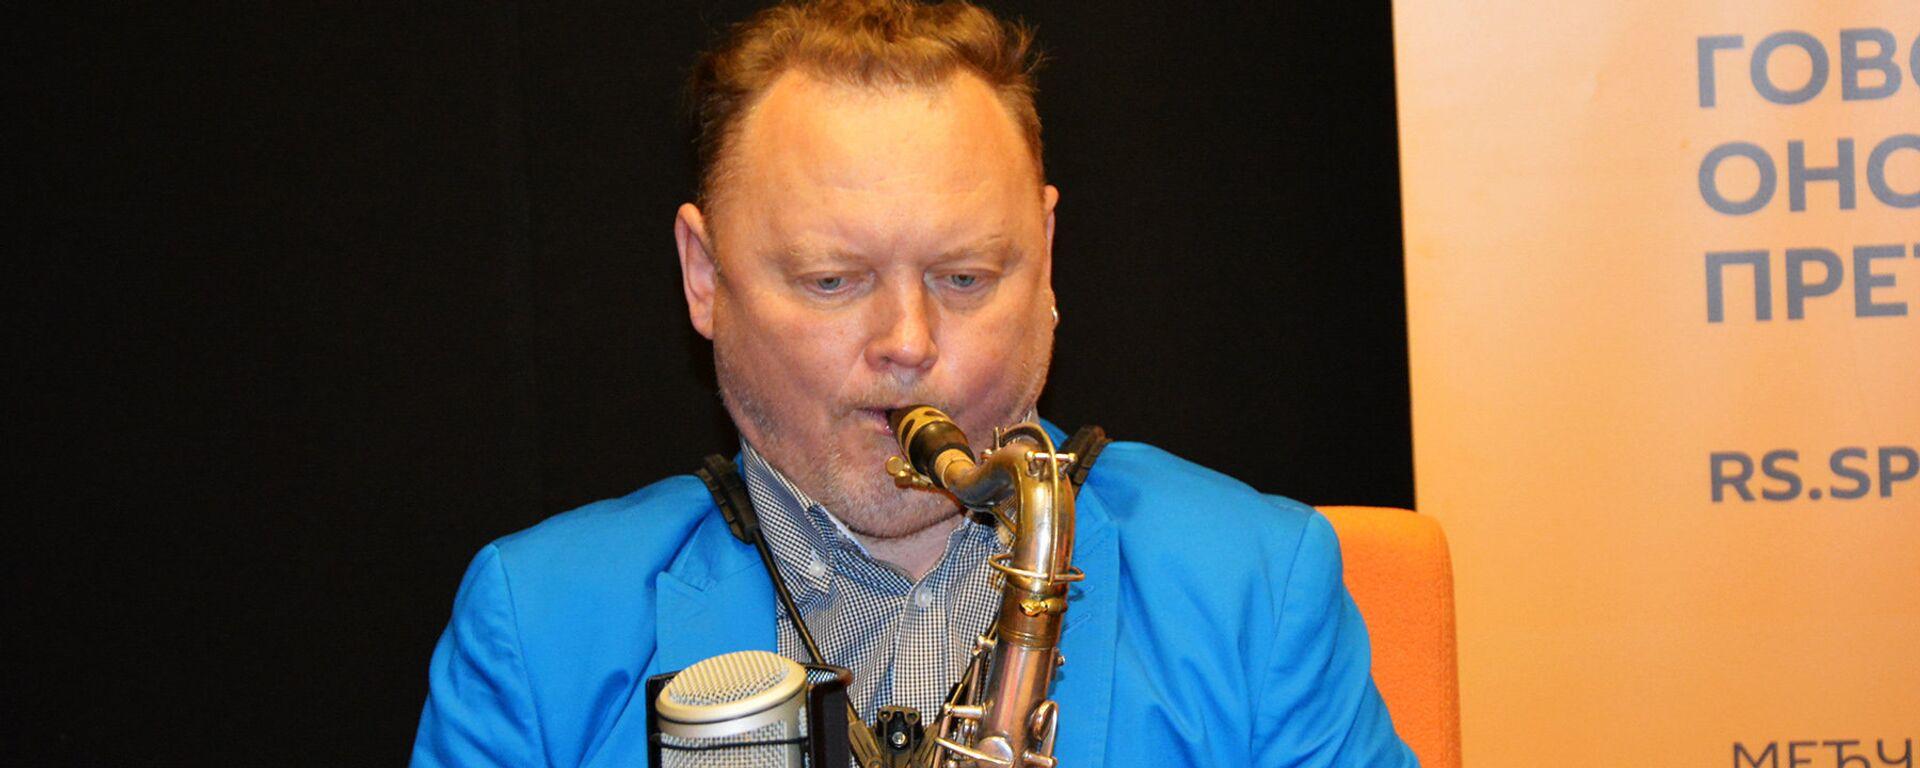 Ruski saksofonista Oleg Kirejev - Sputnik Srbija, 1920, 13.05.2017